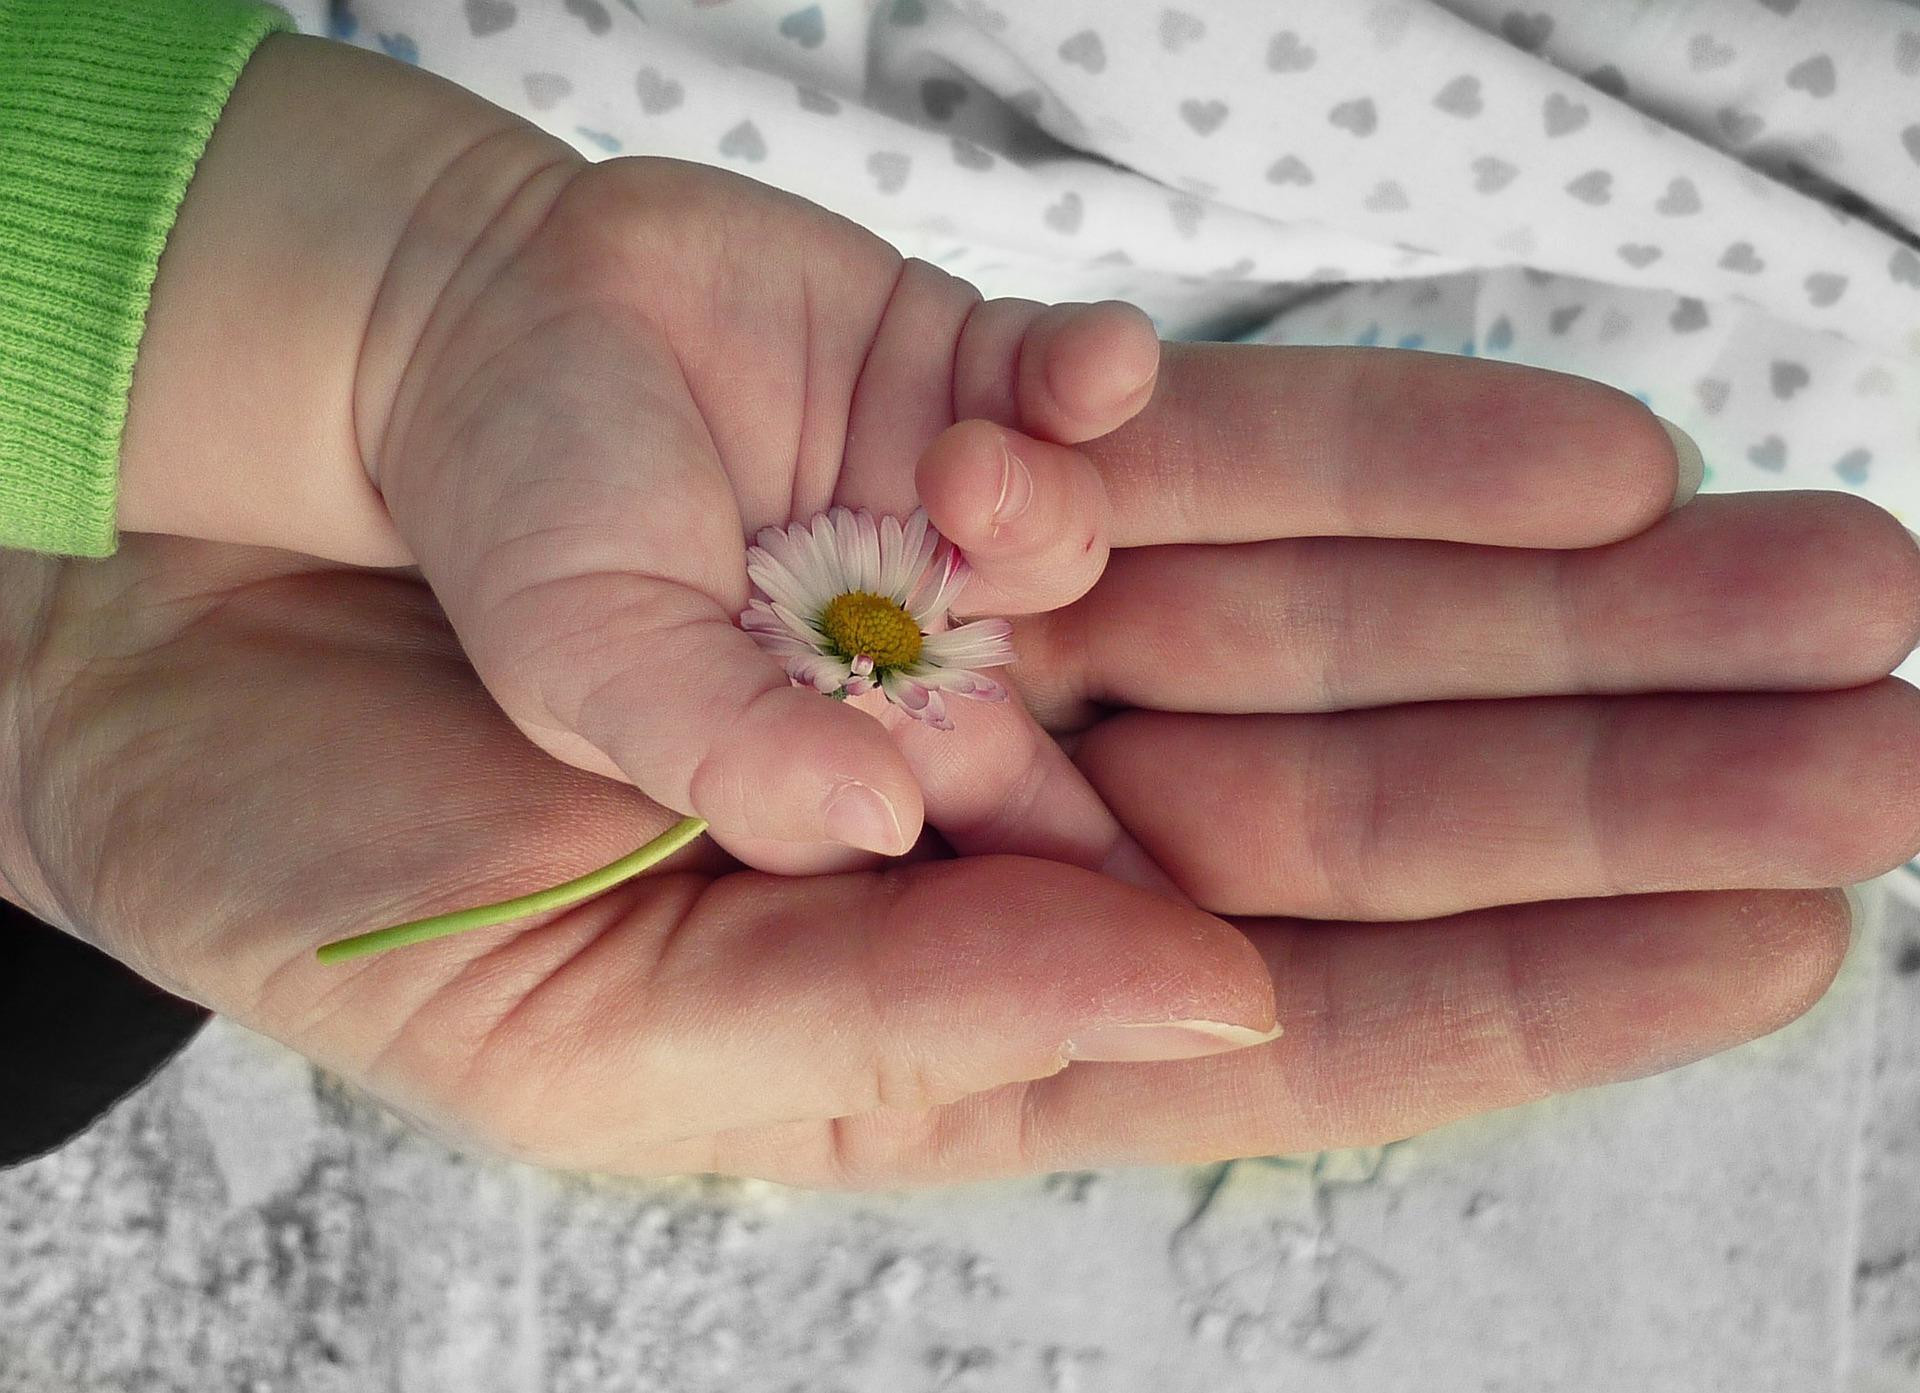 együdlálló anya, anya és gyereke, kezek, virág